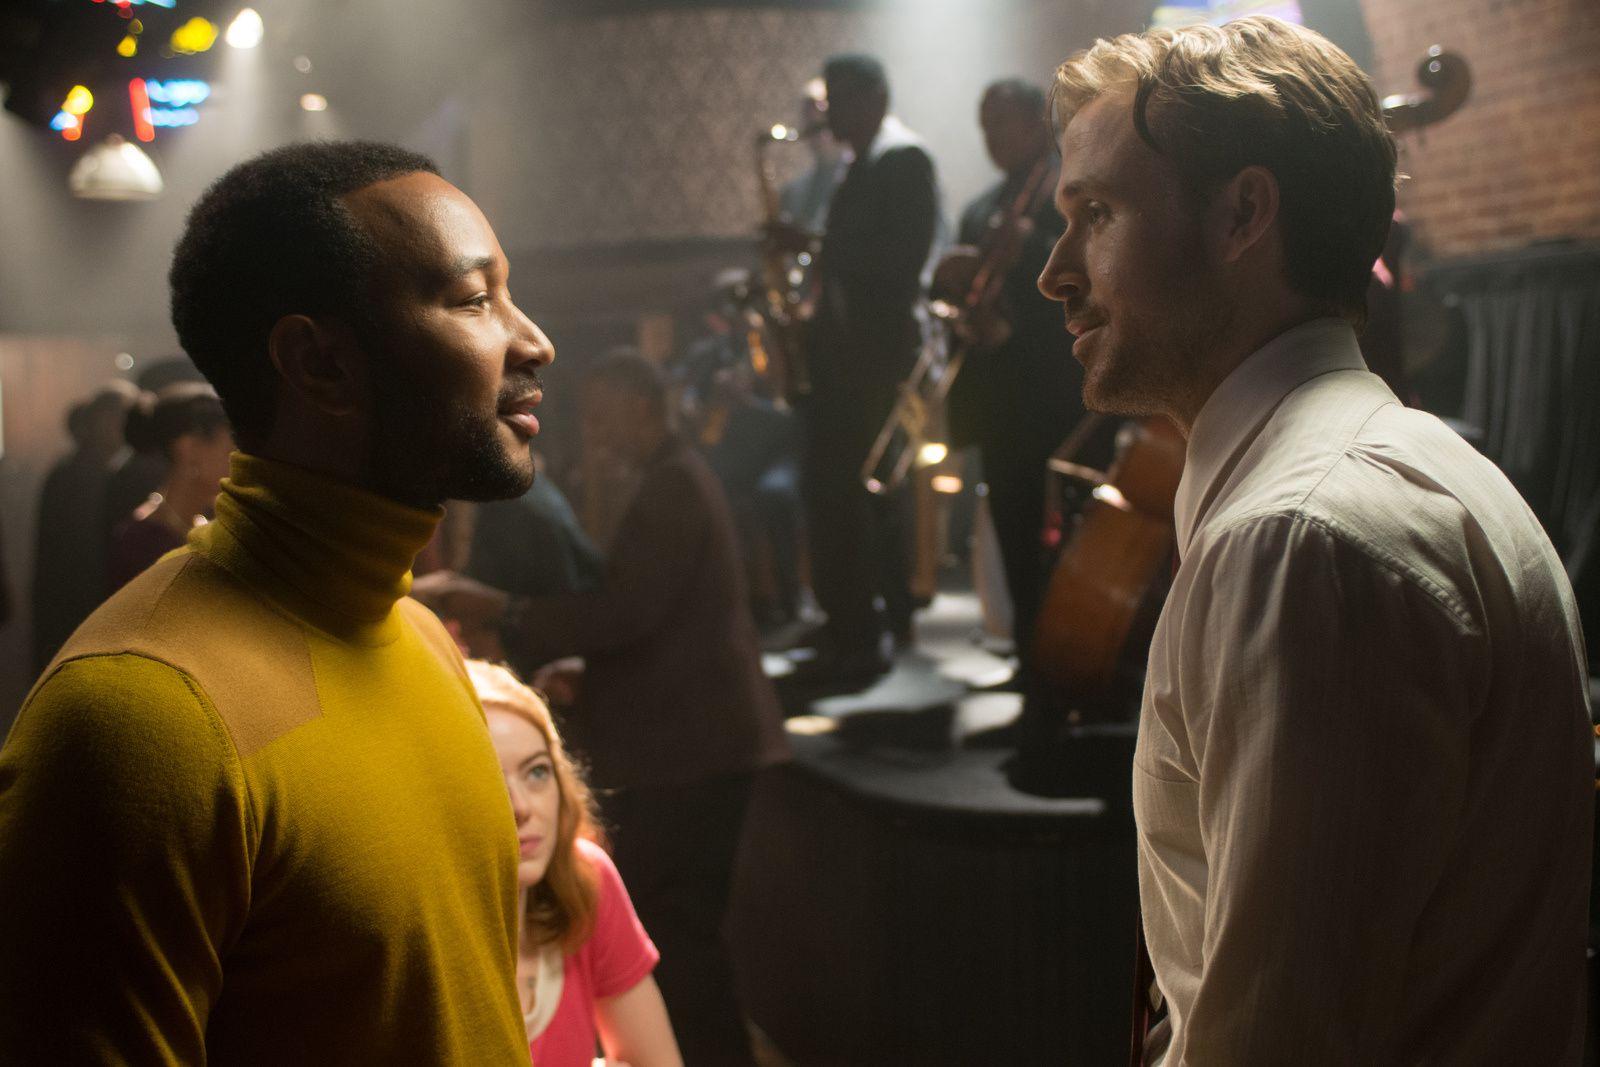 La La Land (BANDE ANNONCE VF et VOST) avec Ryan Gosling, Emma Stone, J.K. Simmons - Le 25 janvier 2017 au cinéma